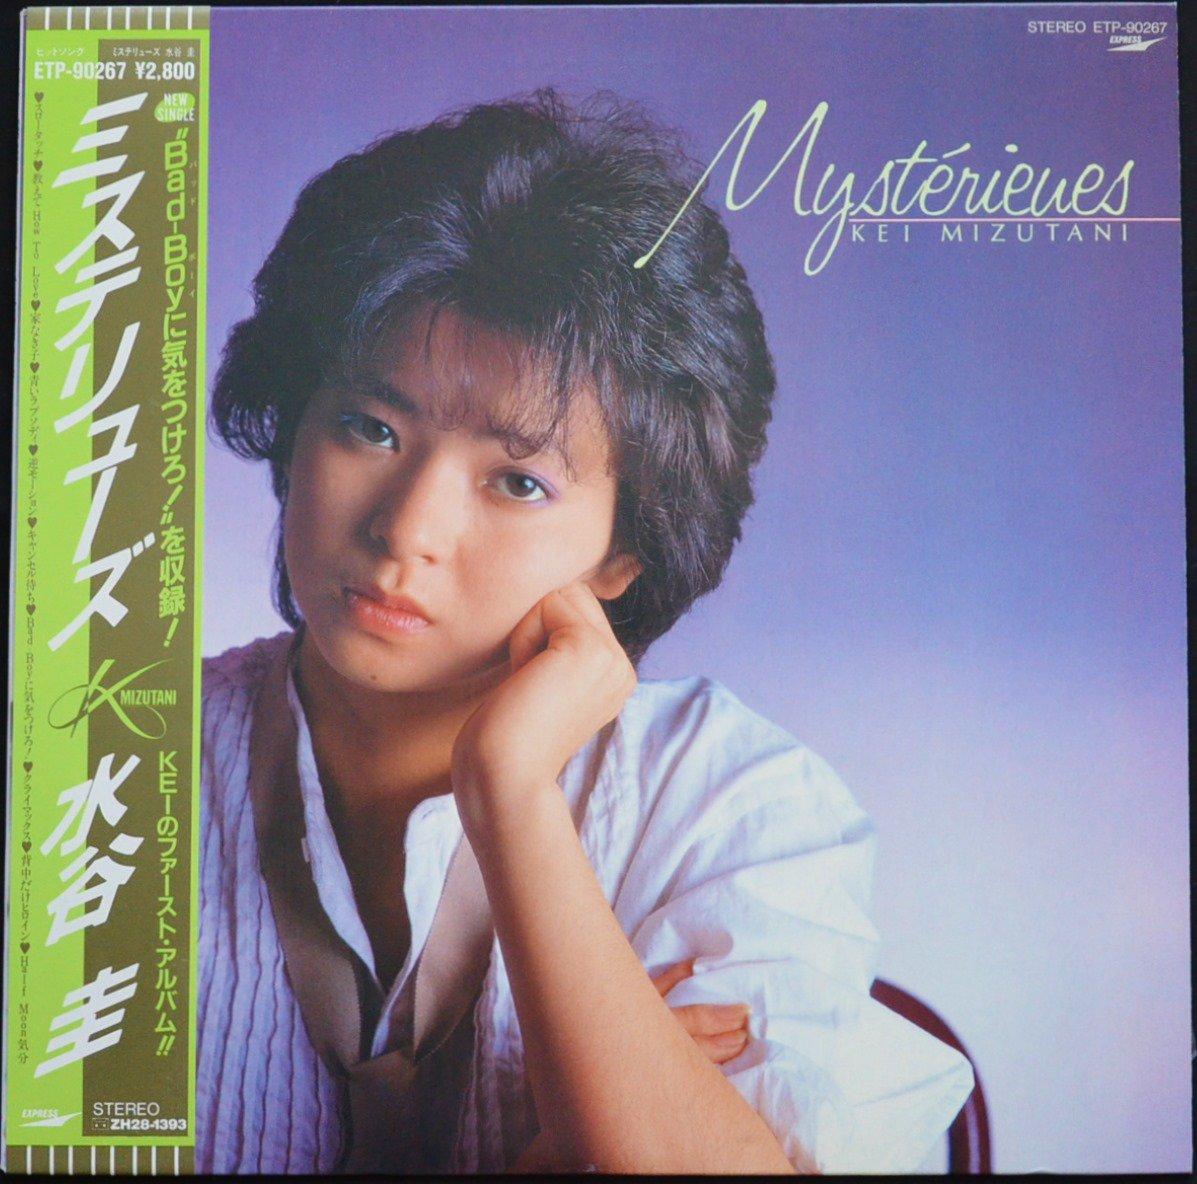 水谷圭 KEI MIZUTANI / ミステリューズ Mystérieues (LP)